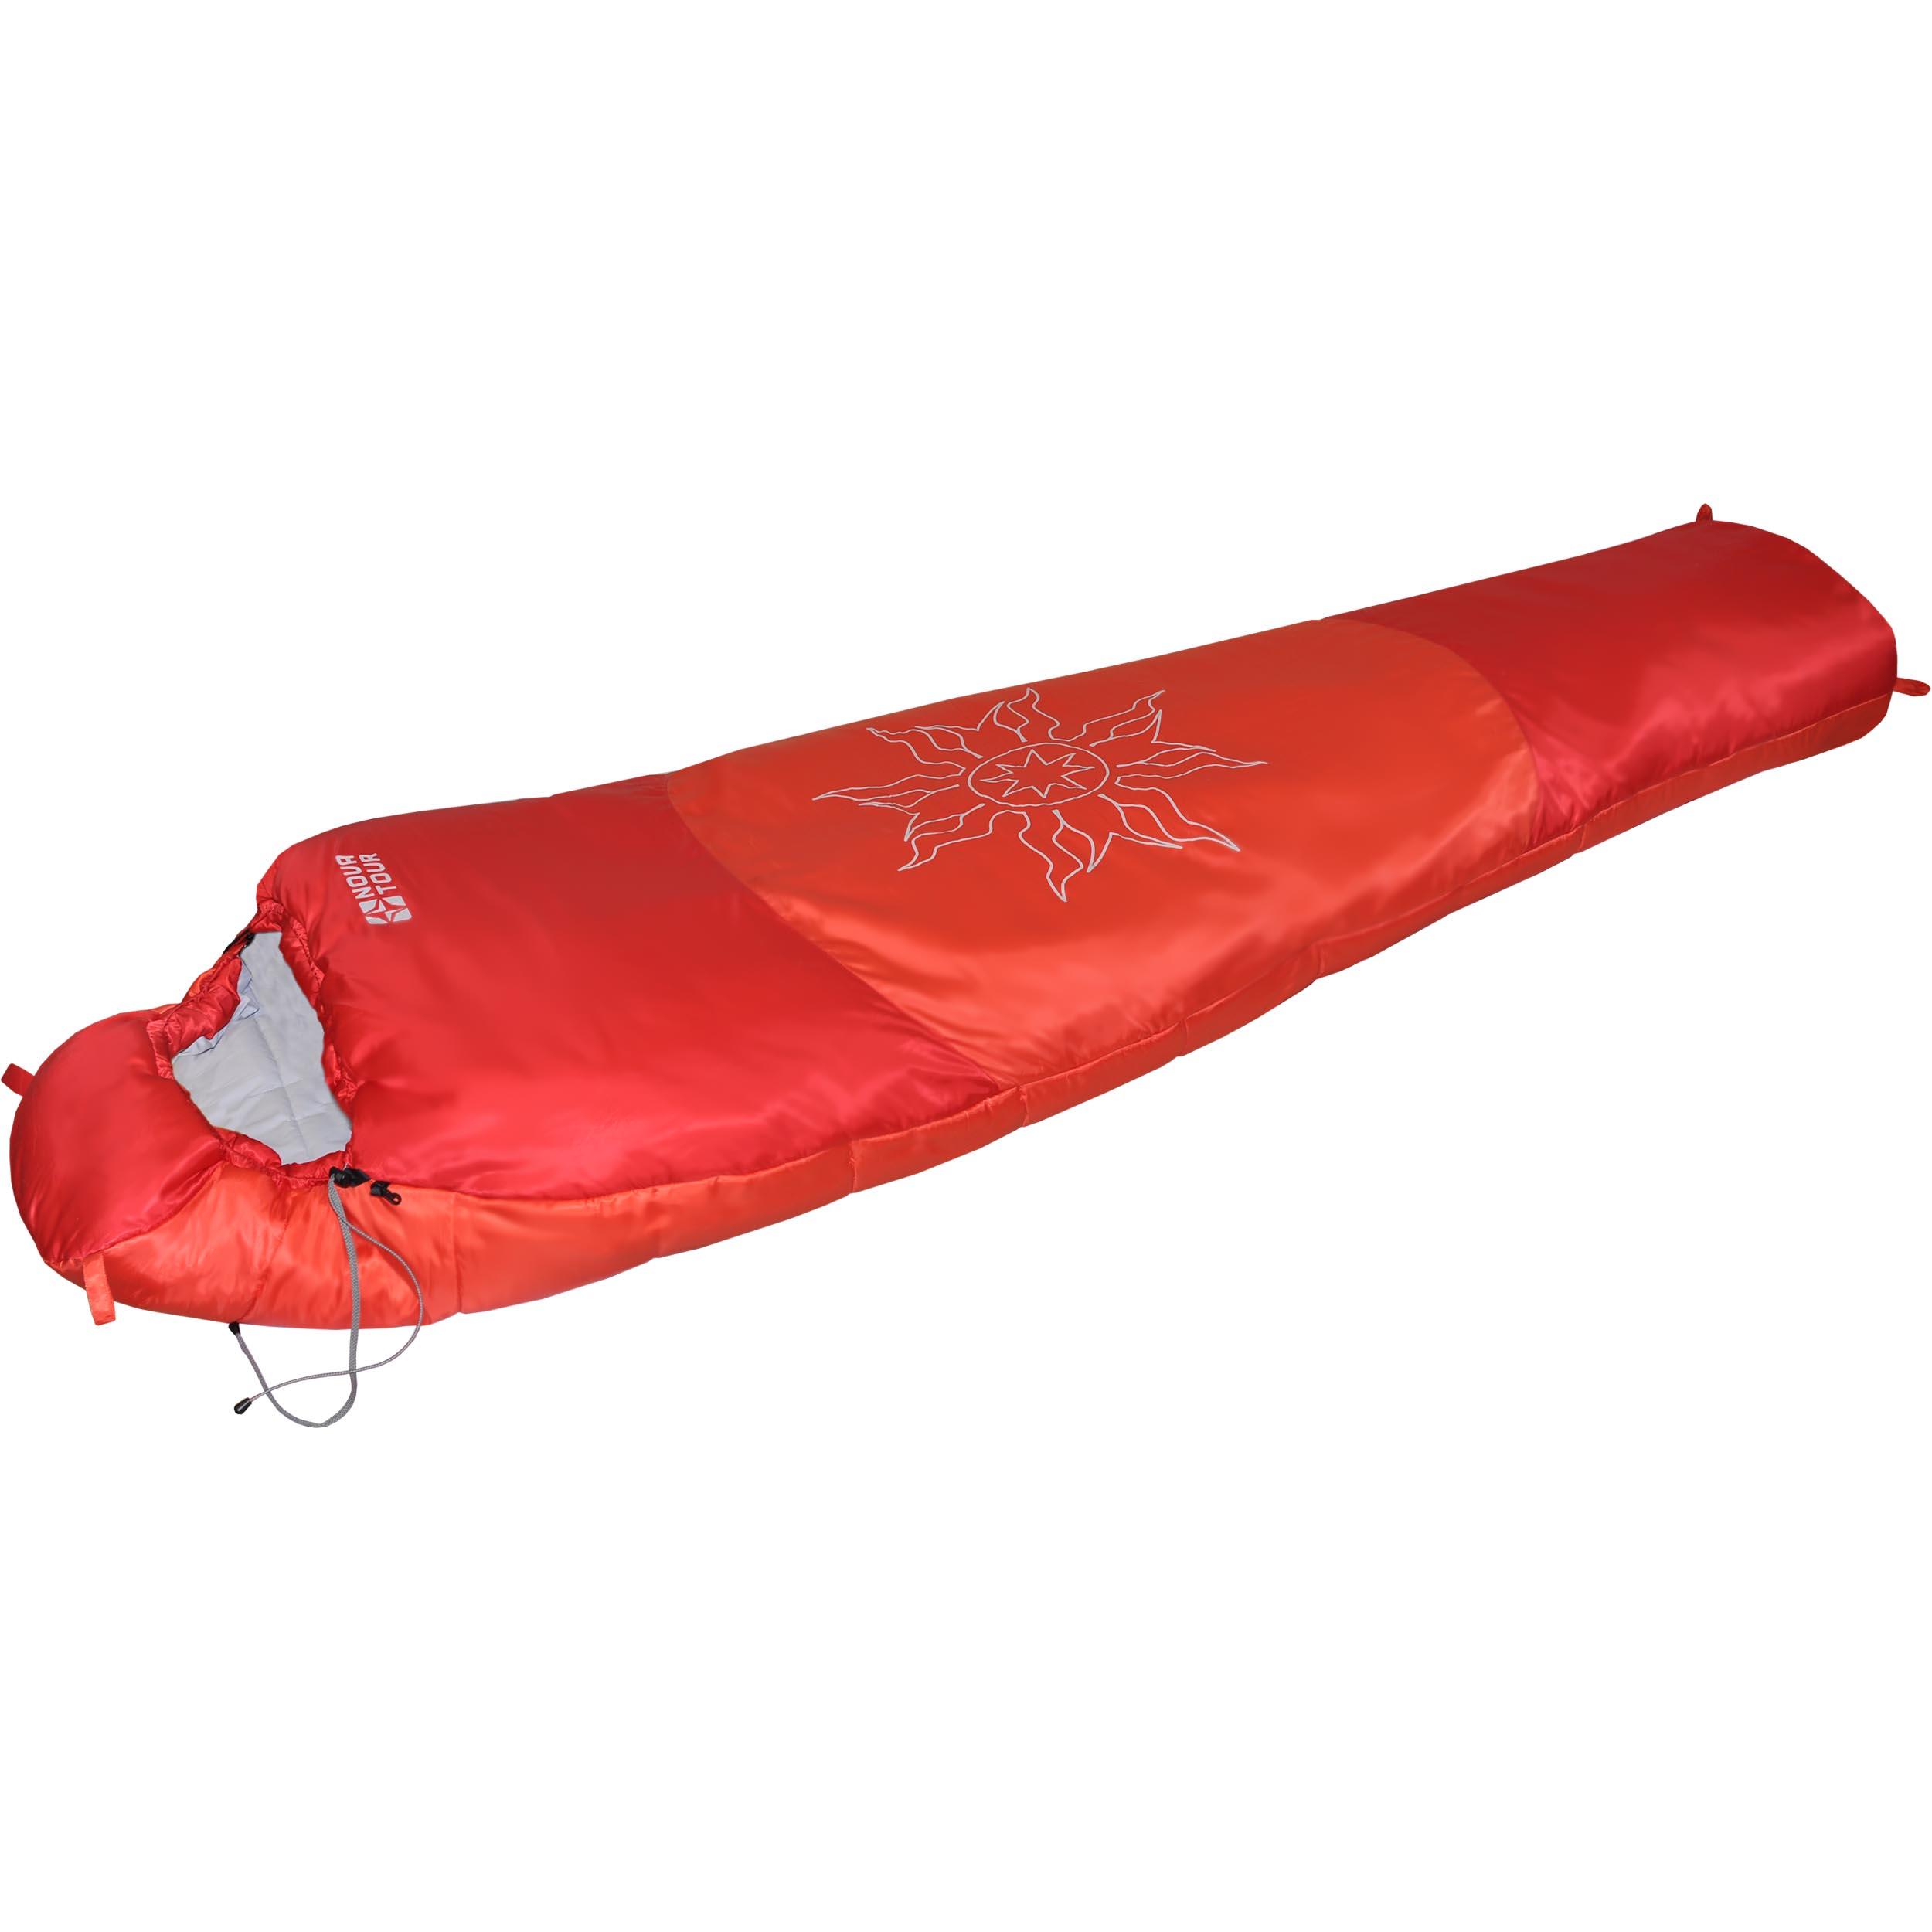 Спальный мешок Nova Tour Ямал -30 XL V2, цвет: красный, правосторонняя молнияa026124Зимний спальный мешок Nova Tour Ямал -30 XL V2 имеет конструкцию кокон. Он предназначен для использования при очень низких температурах. Утягивающийся капюшон и шейный воротник сохраняют тепло. Двухзамковая молния позволяет состегнуть два спальных мешка левого и правого исполнения в один двойной. Компрессионный мешок в комплекте.Длина мешка: 230 см.